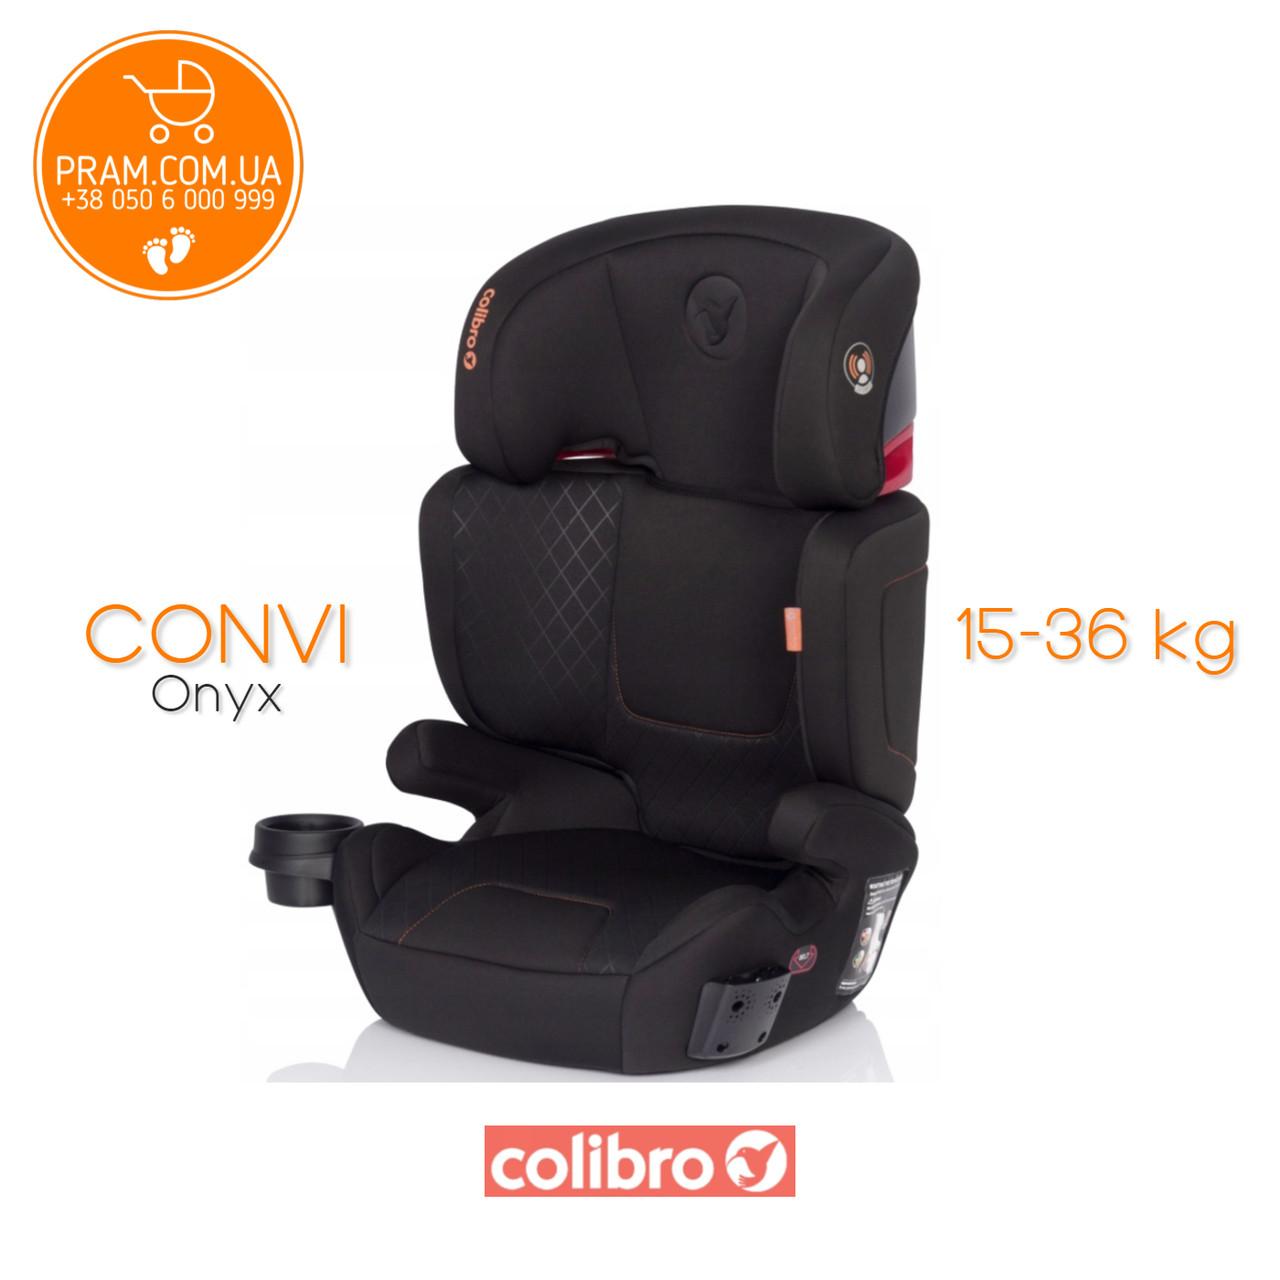 COLIBRO CONVI автокресло группы 2-3 (15-36 кг) Onyx Черный, фото 1